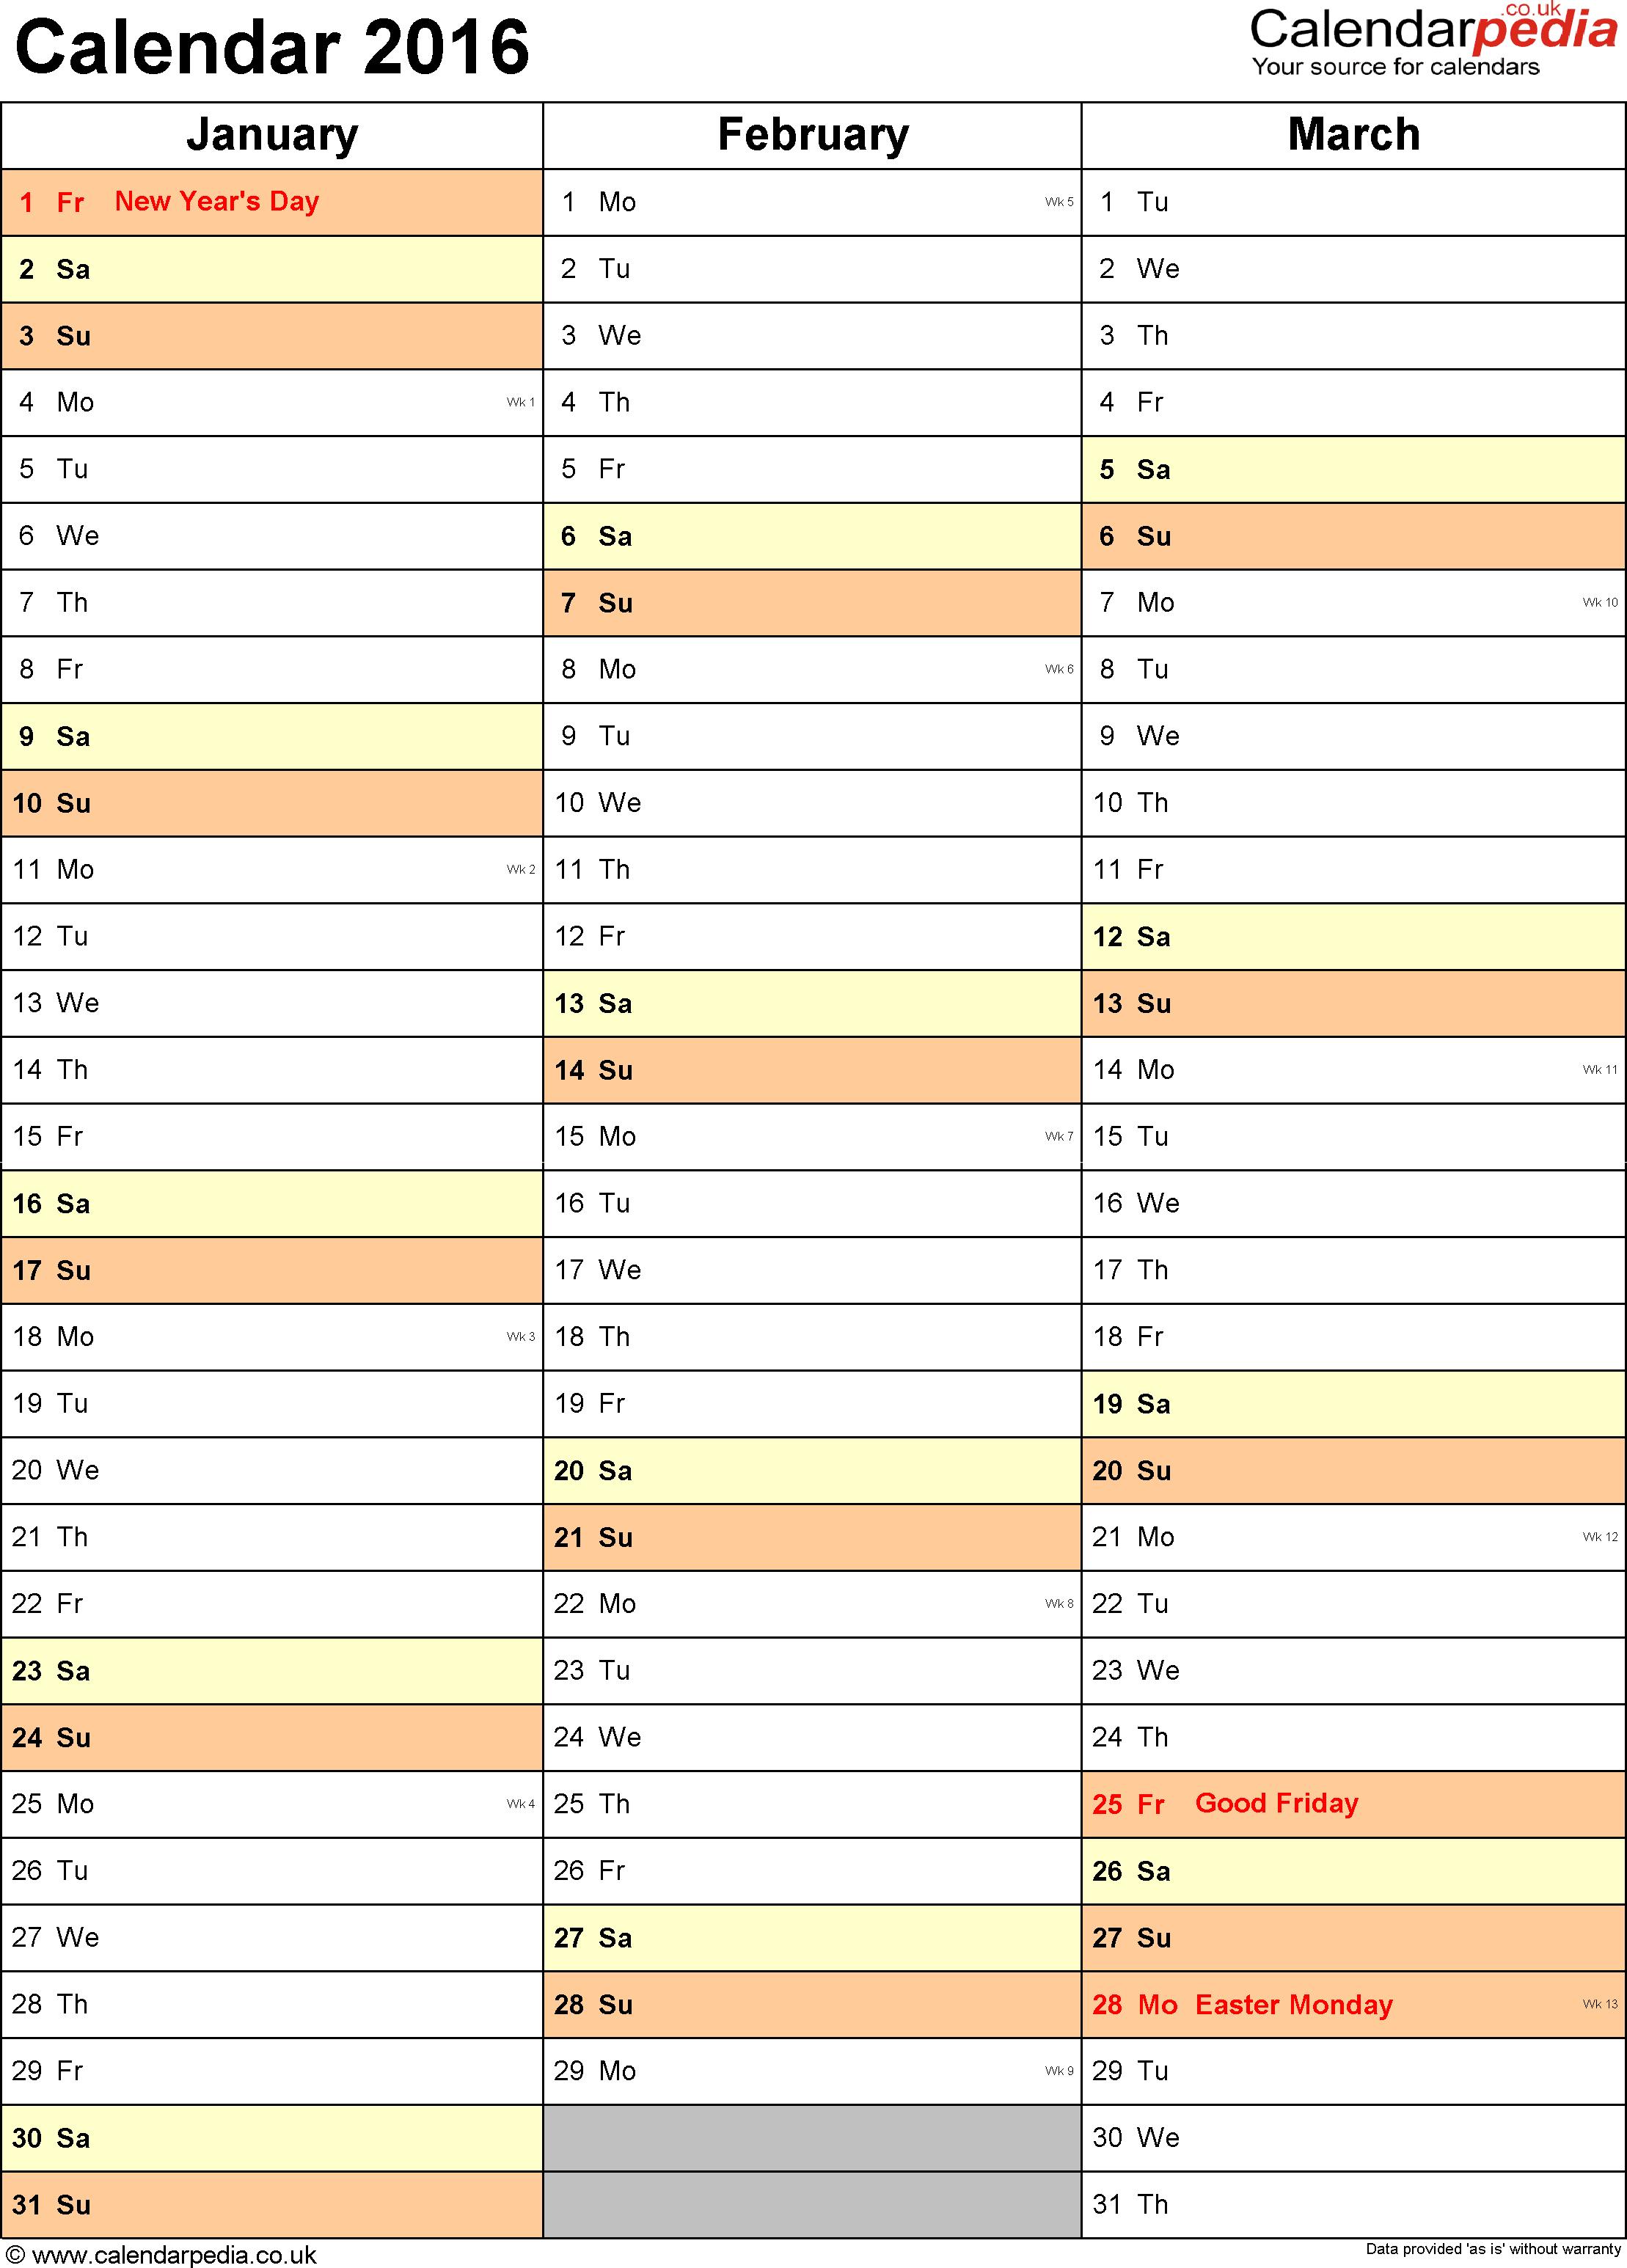 Calendar: Wallet Size Calendar Template